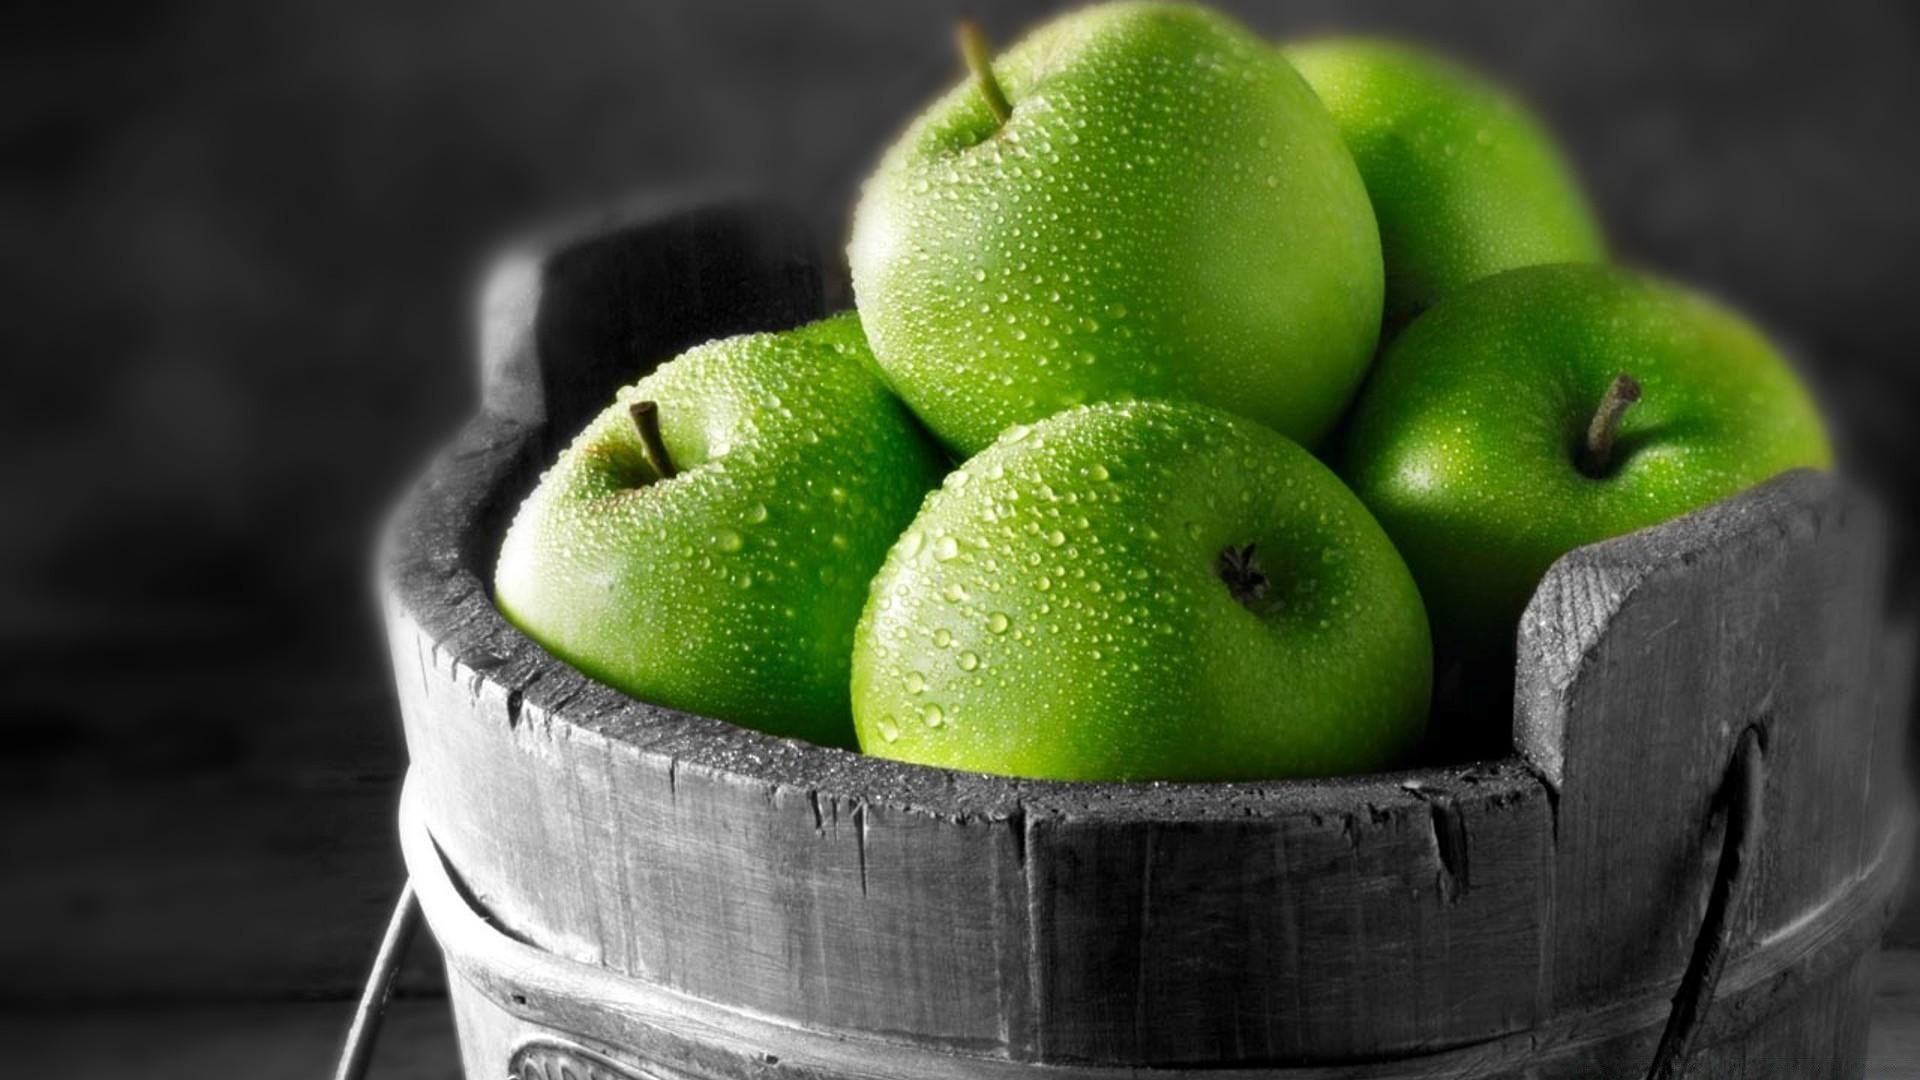 Обои на рабочий стол зеленое яблоко